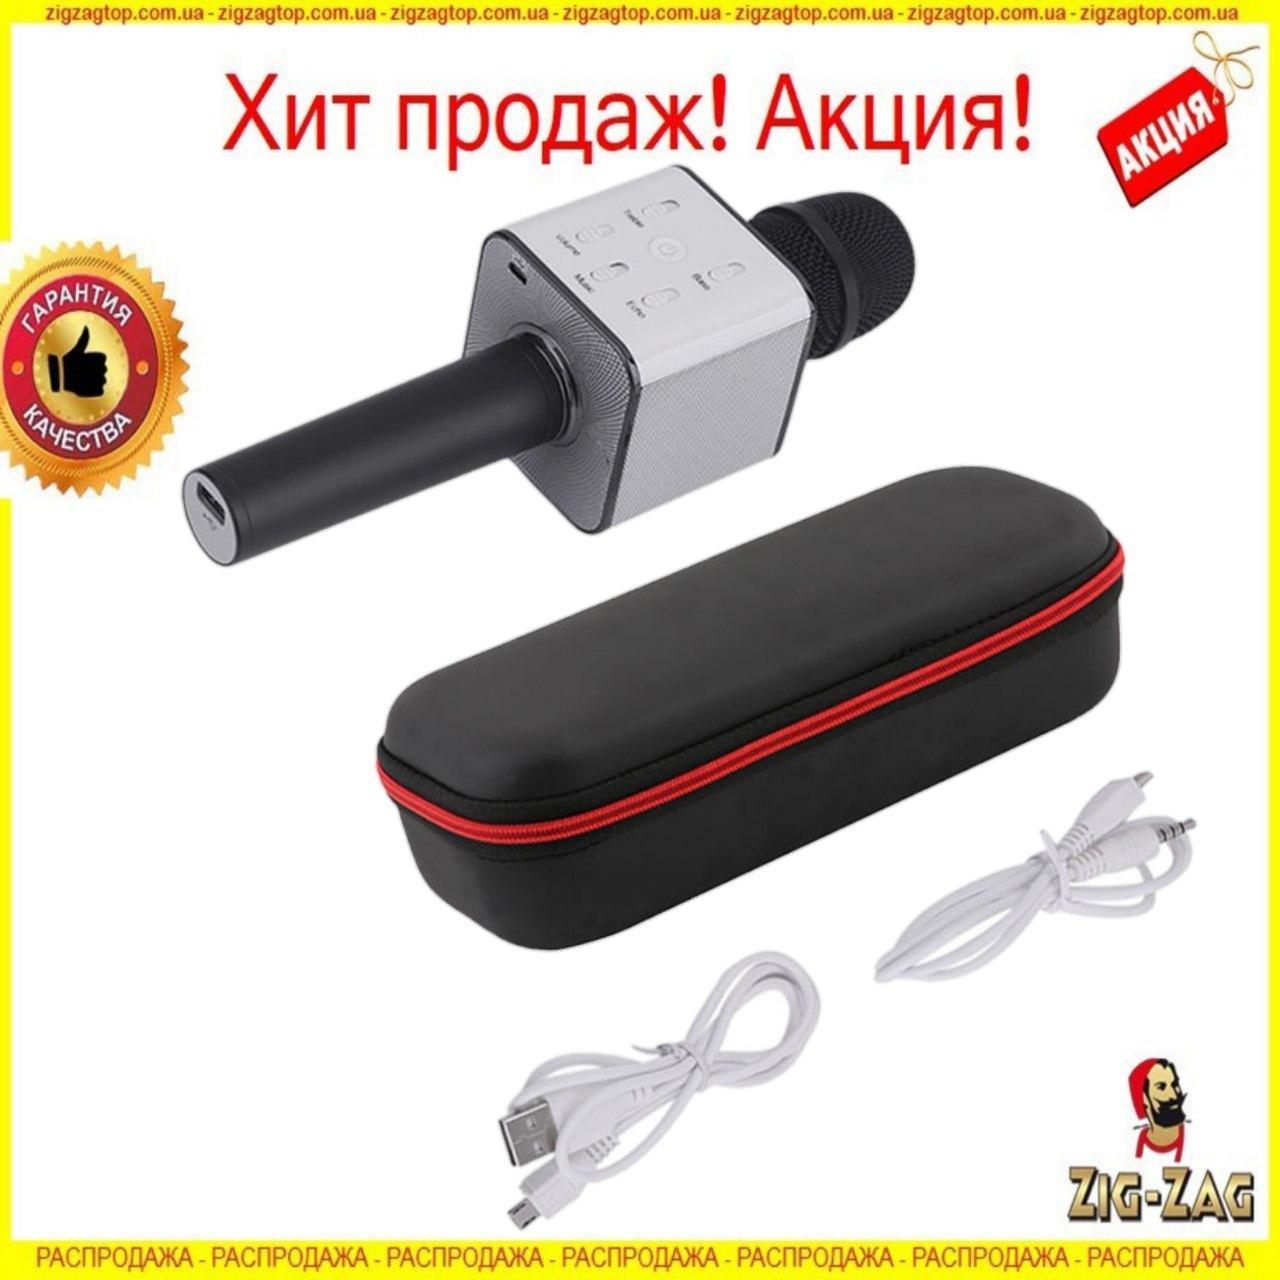 Беспроводной Микрофон для караоке Q7 WSTER Bluetooth Черный в Чехле детский блютуз аккумулятор 2600 mAh МРЗ FM